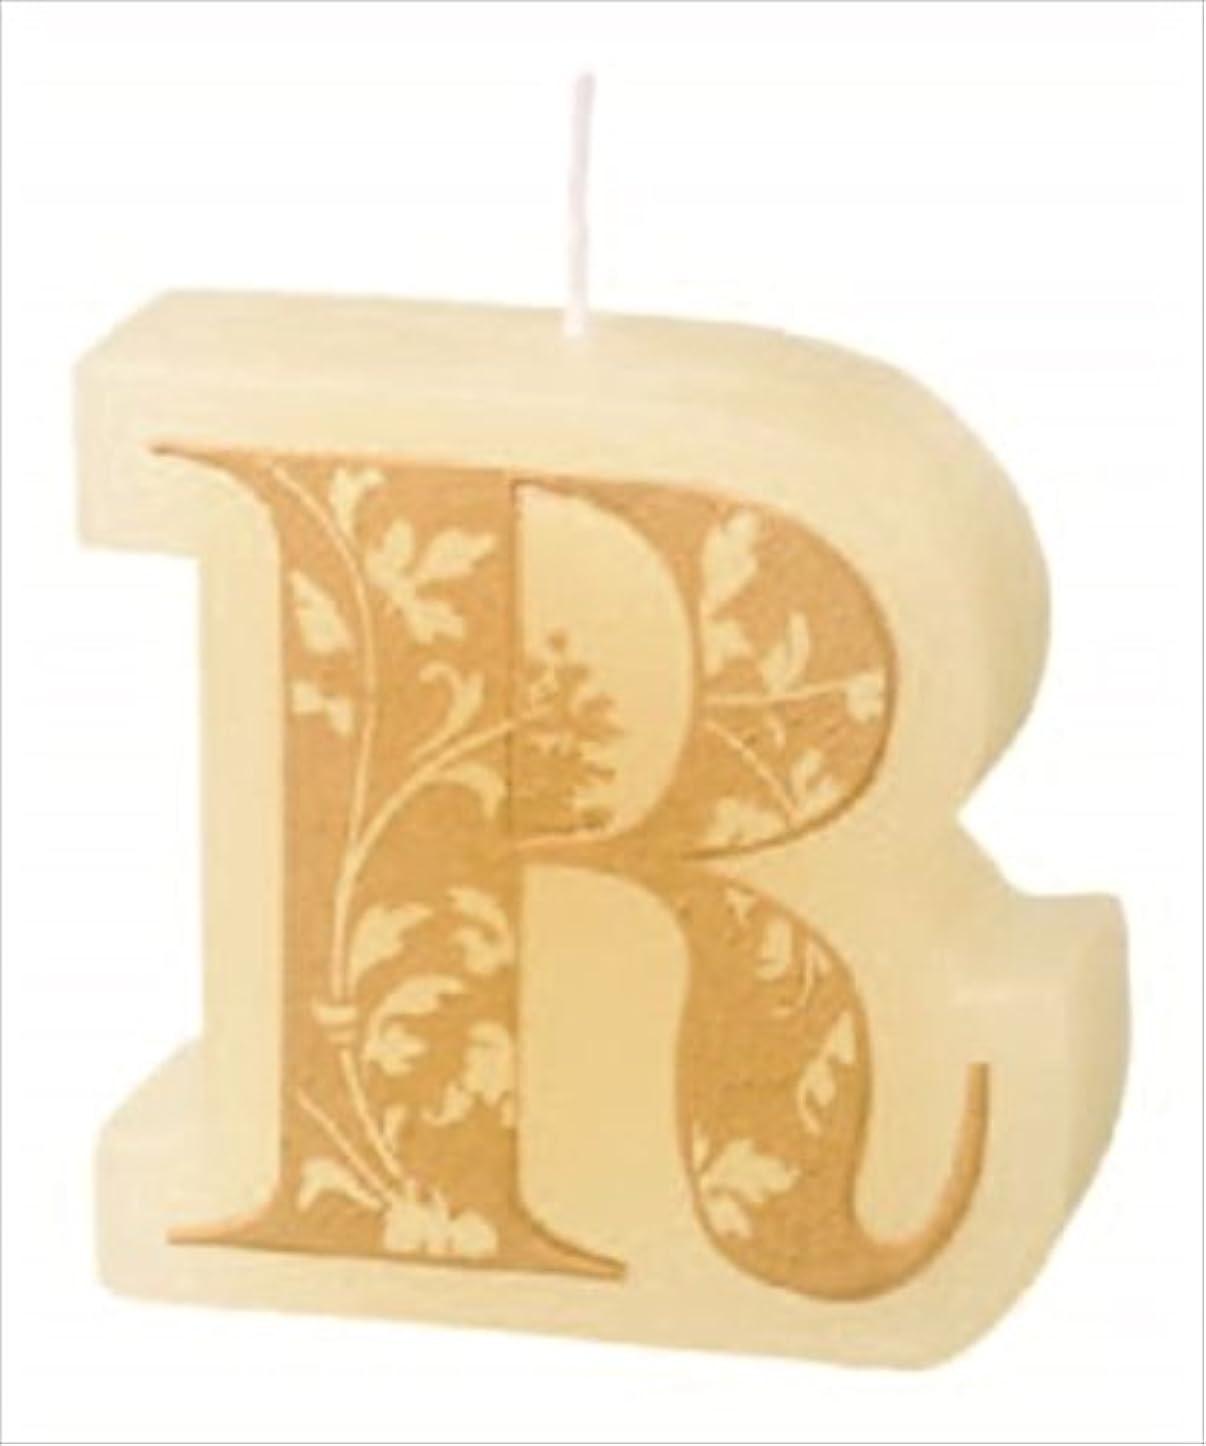 滑り台神秘的な献身カメヤマキャンドル(kameyama candle) イニシャルキャンドルミニ 「 R 」